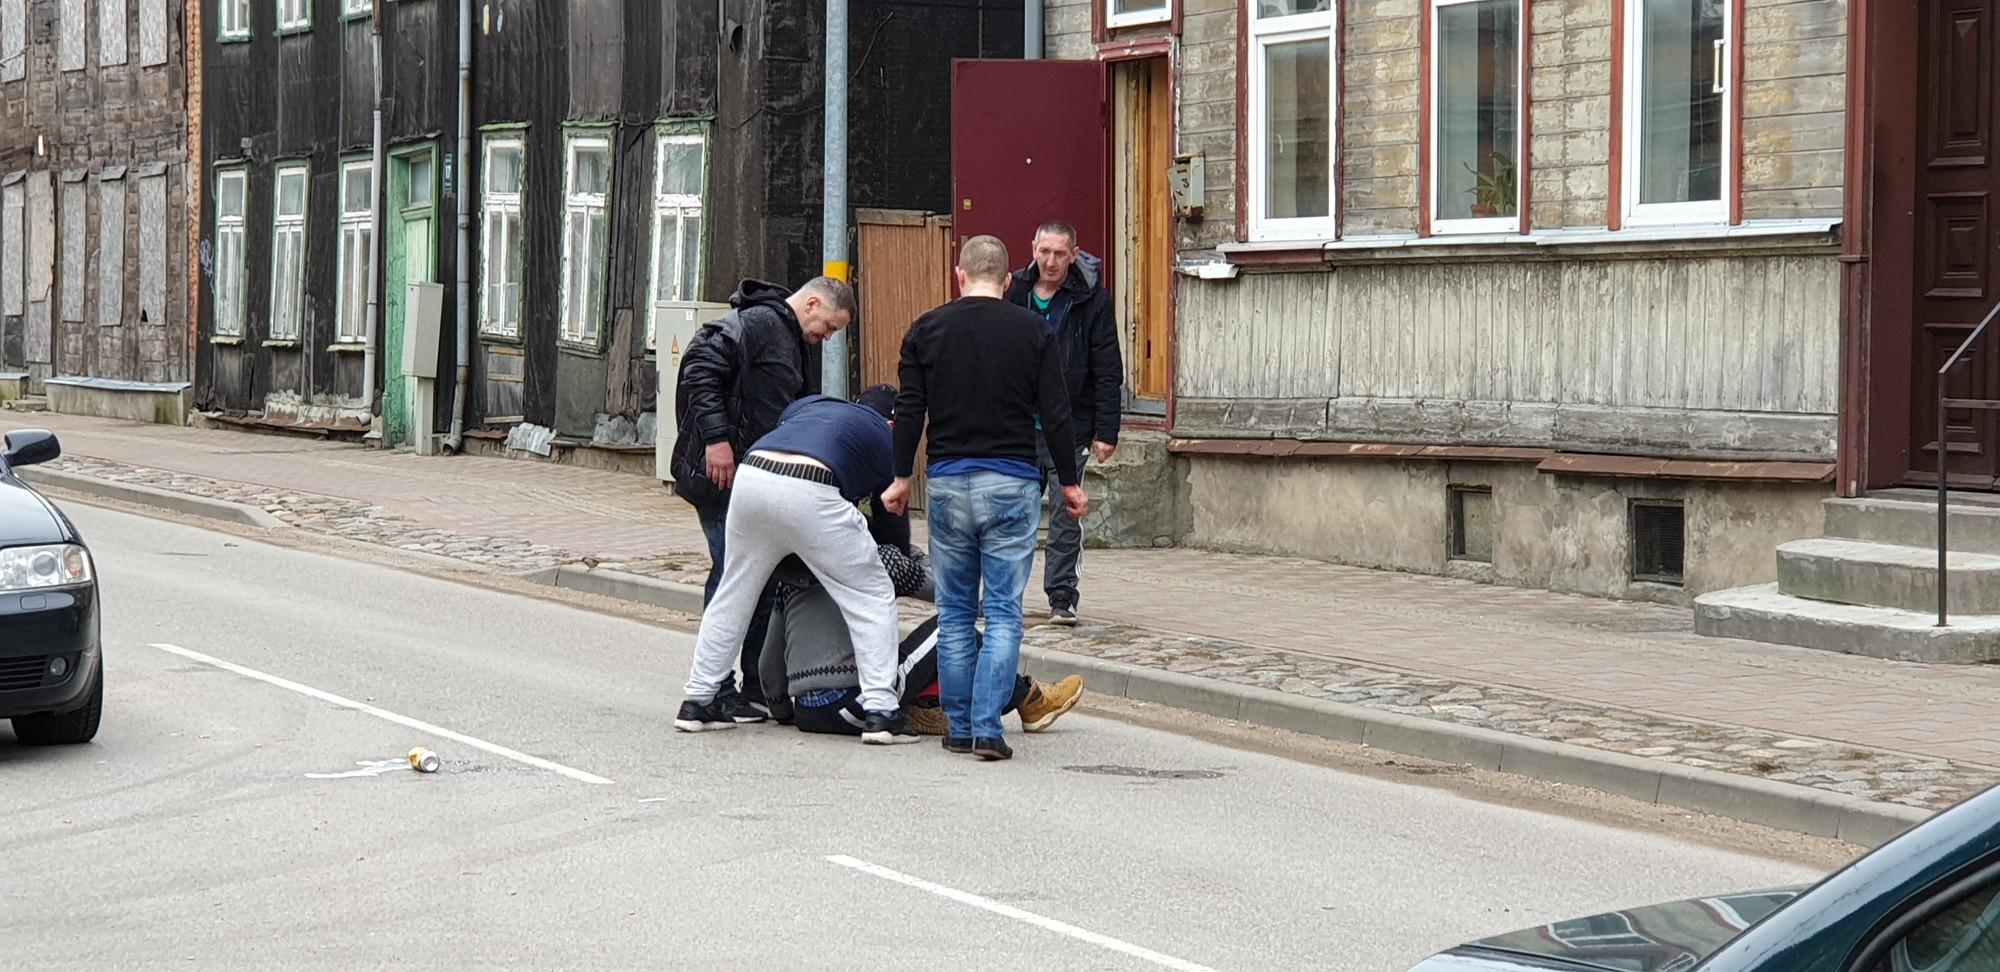 Uz ielas notiek brutāla izrēķināšanās